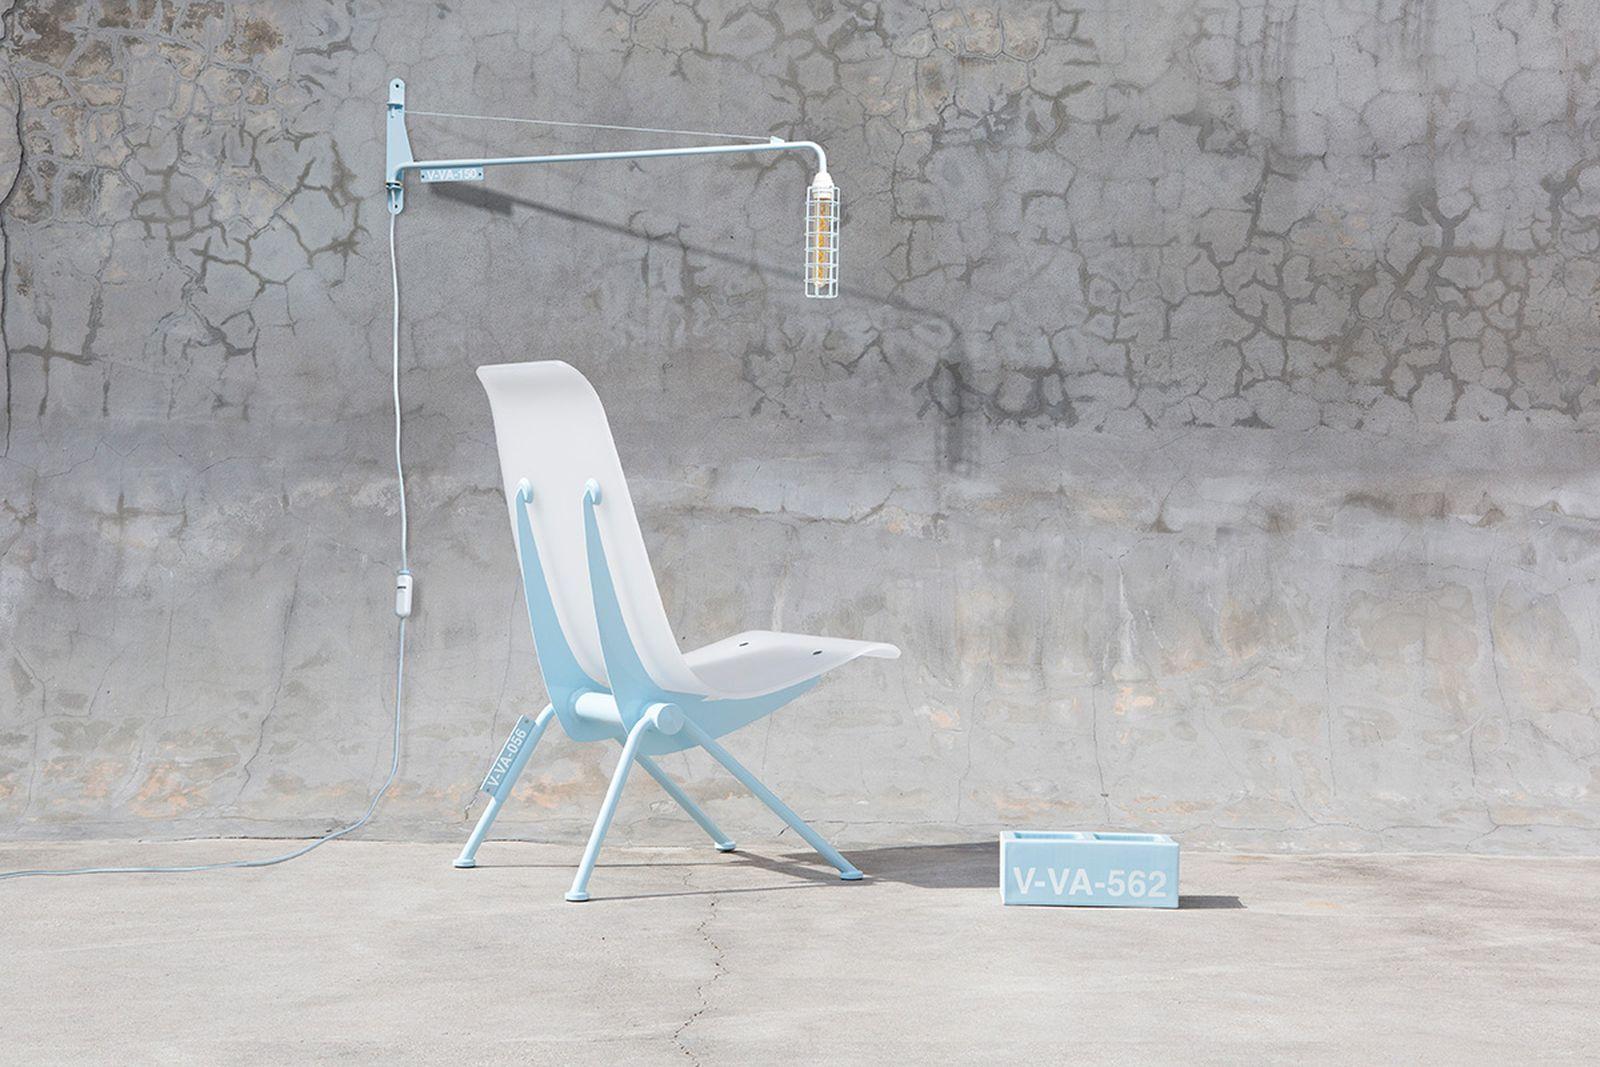 virgil-abloh-designed-chair-vitra-03